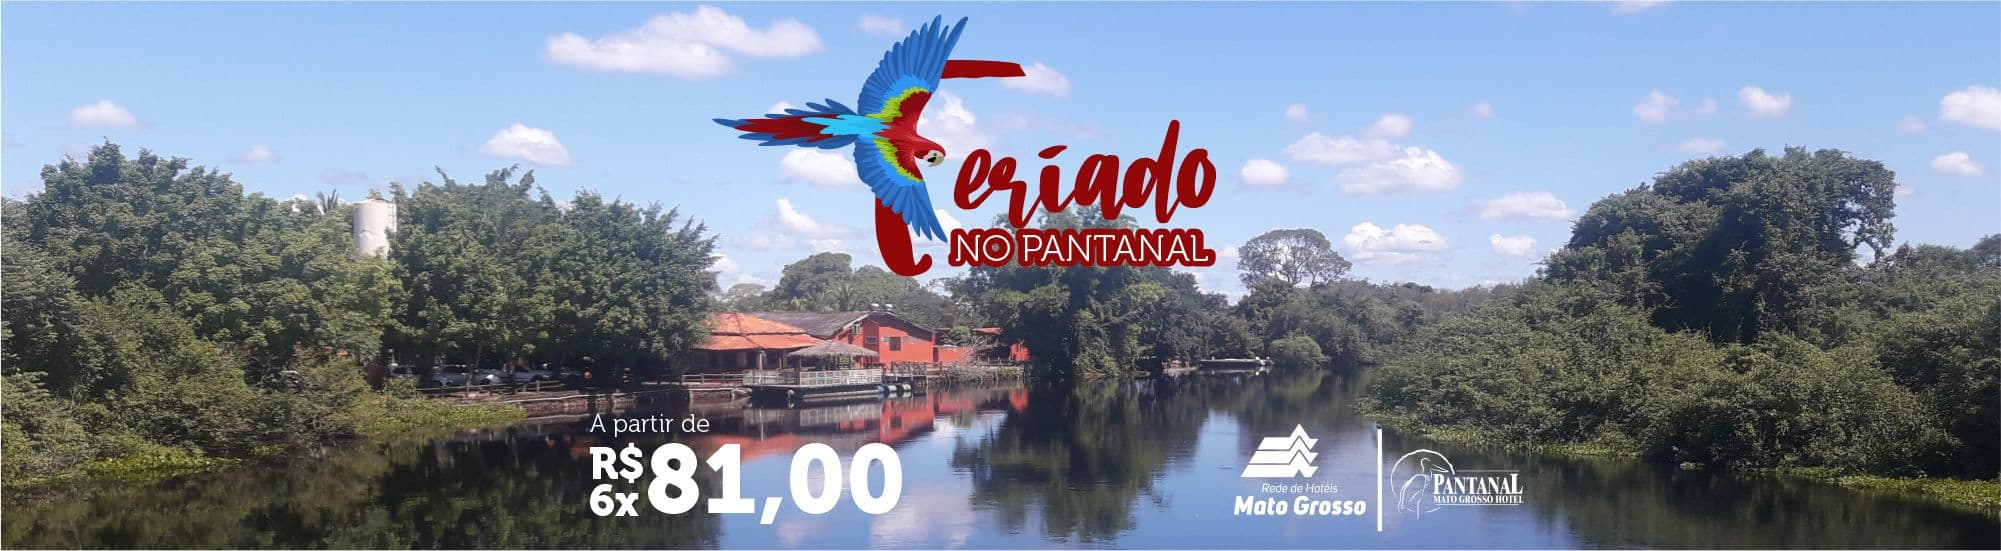 Feriado Pantanal